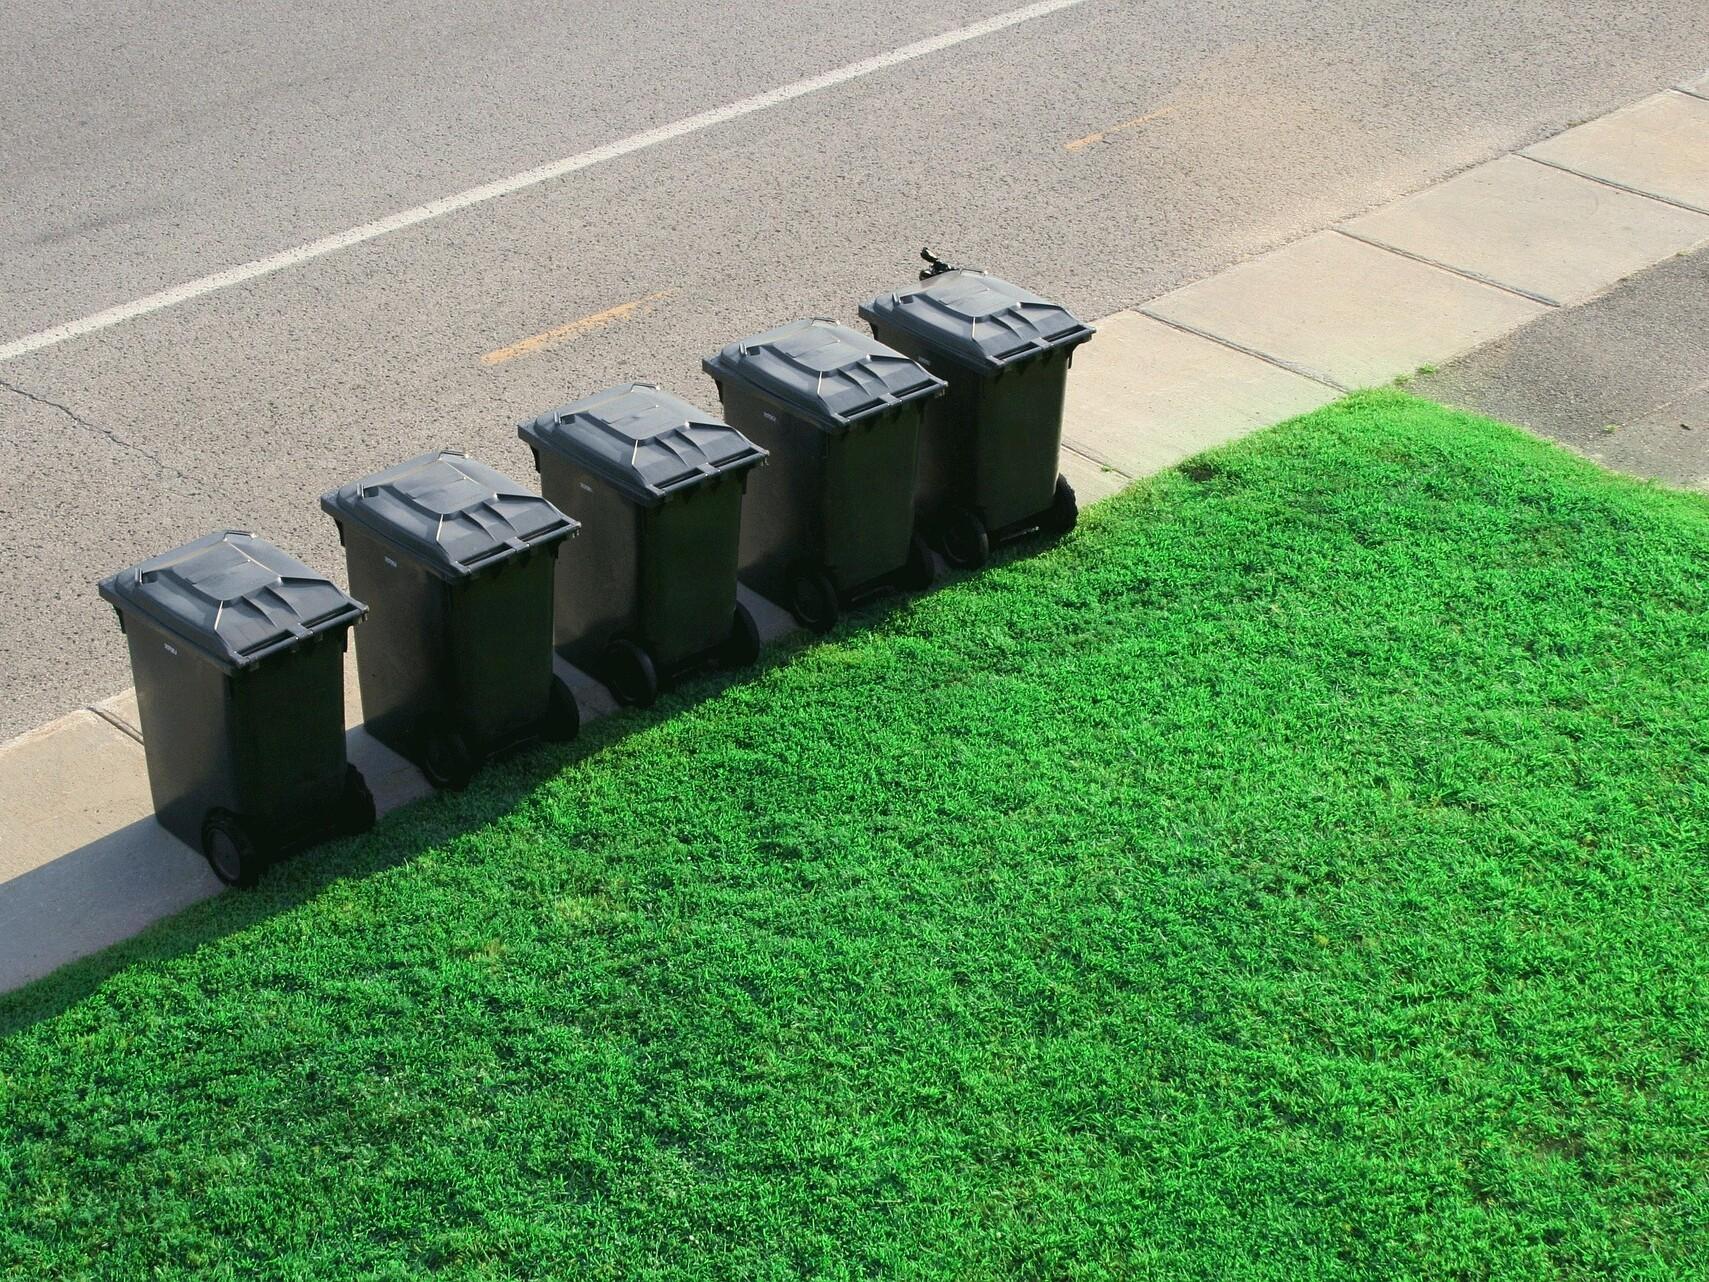 Fünf schwarze Mülltonnen stehen an der Straße vor einer grünen Hecke.